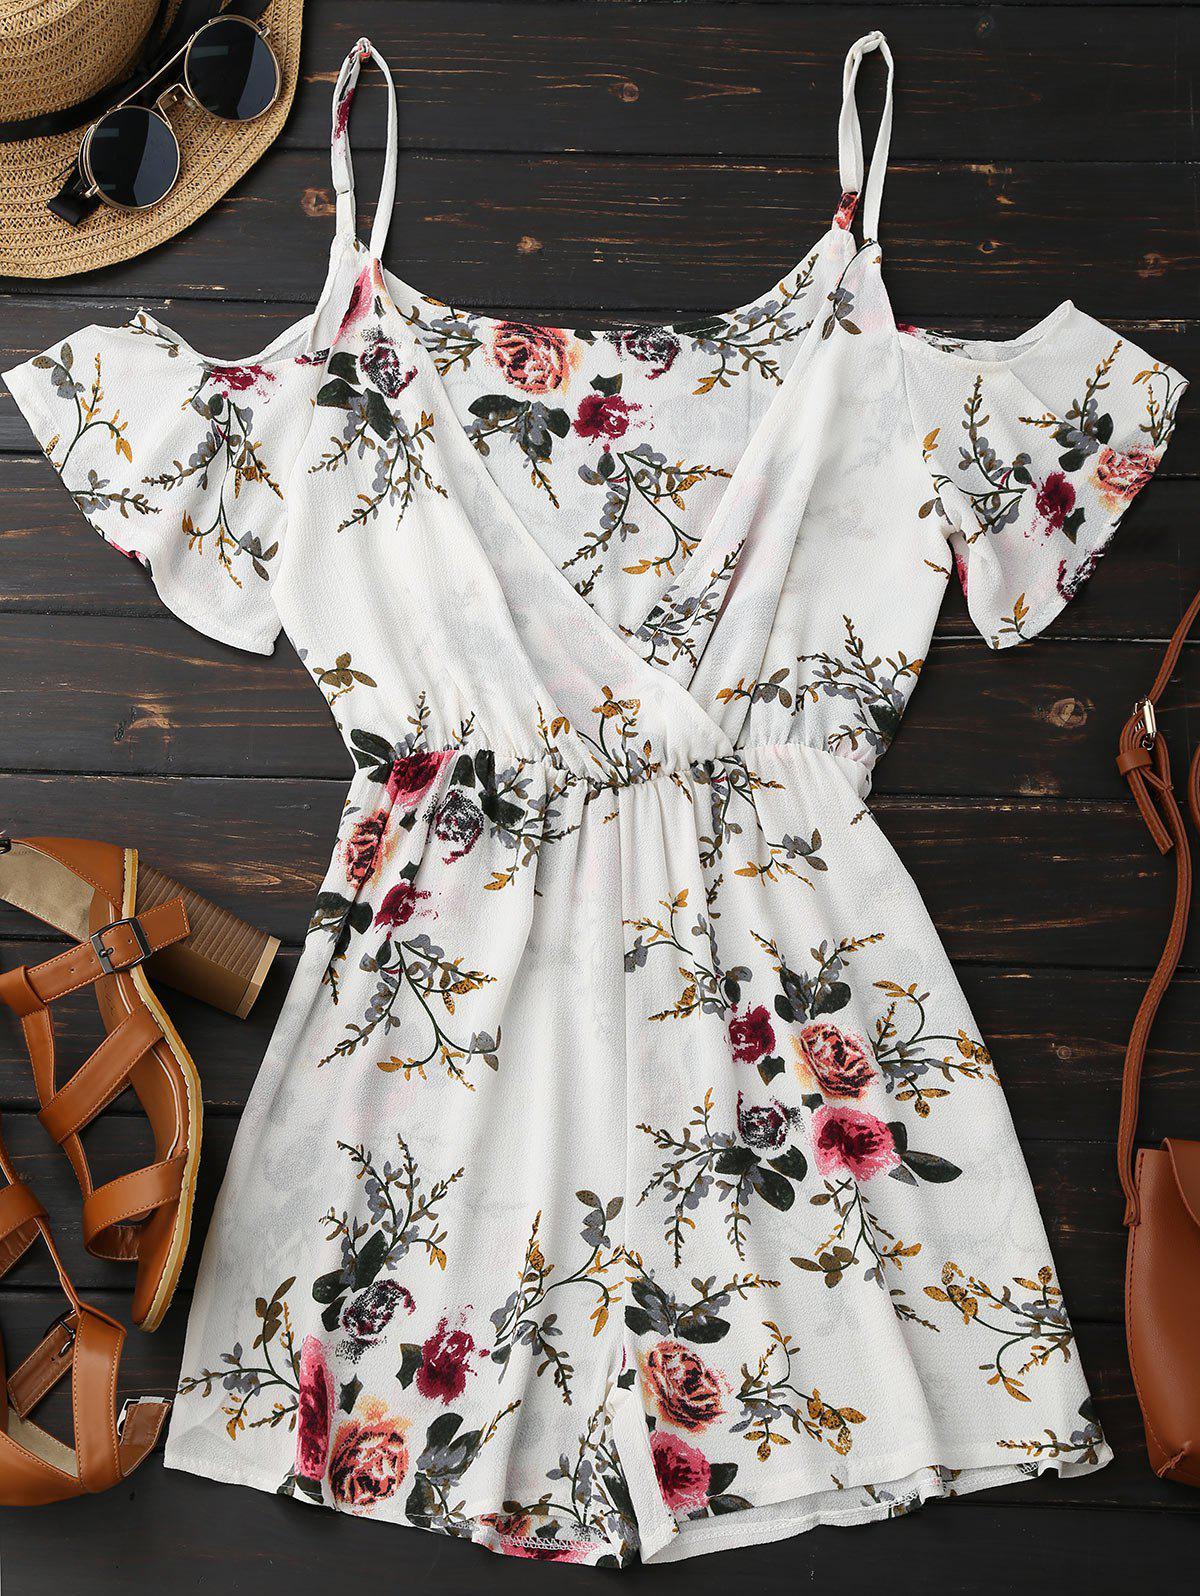 Cami Floral Plunge Romper 213291604